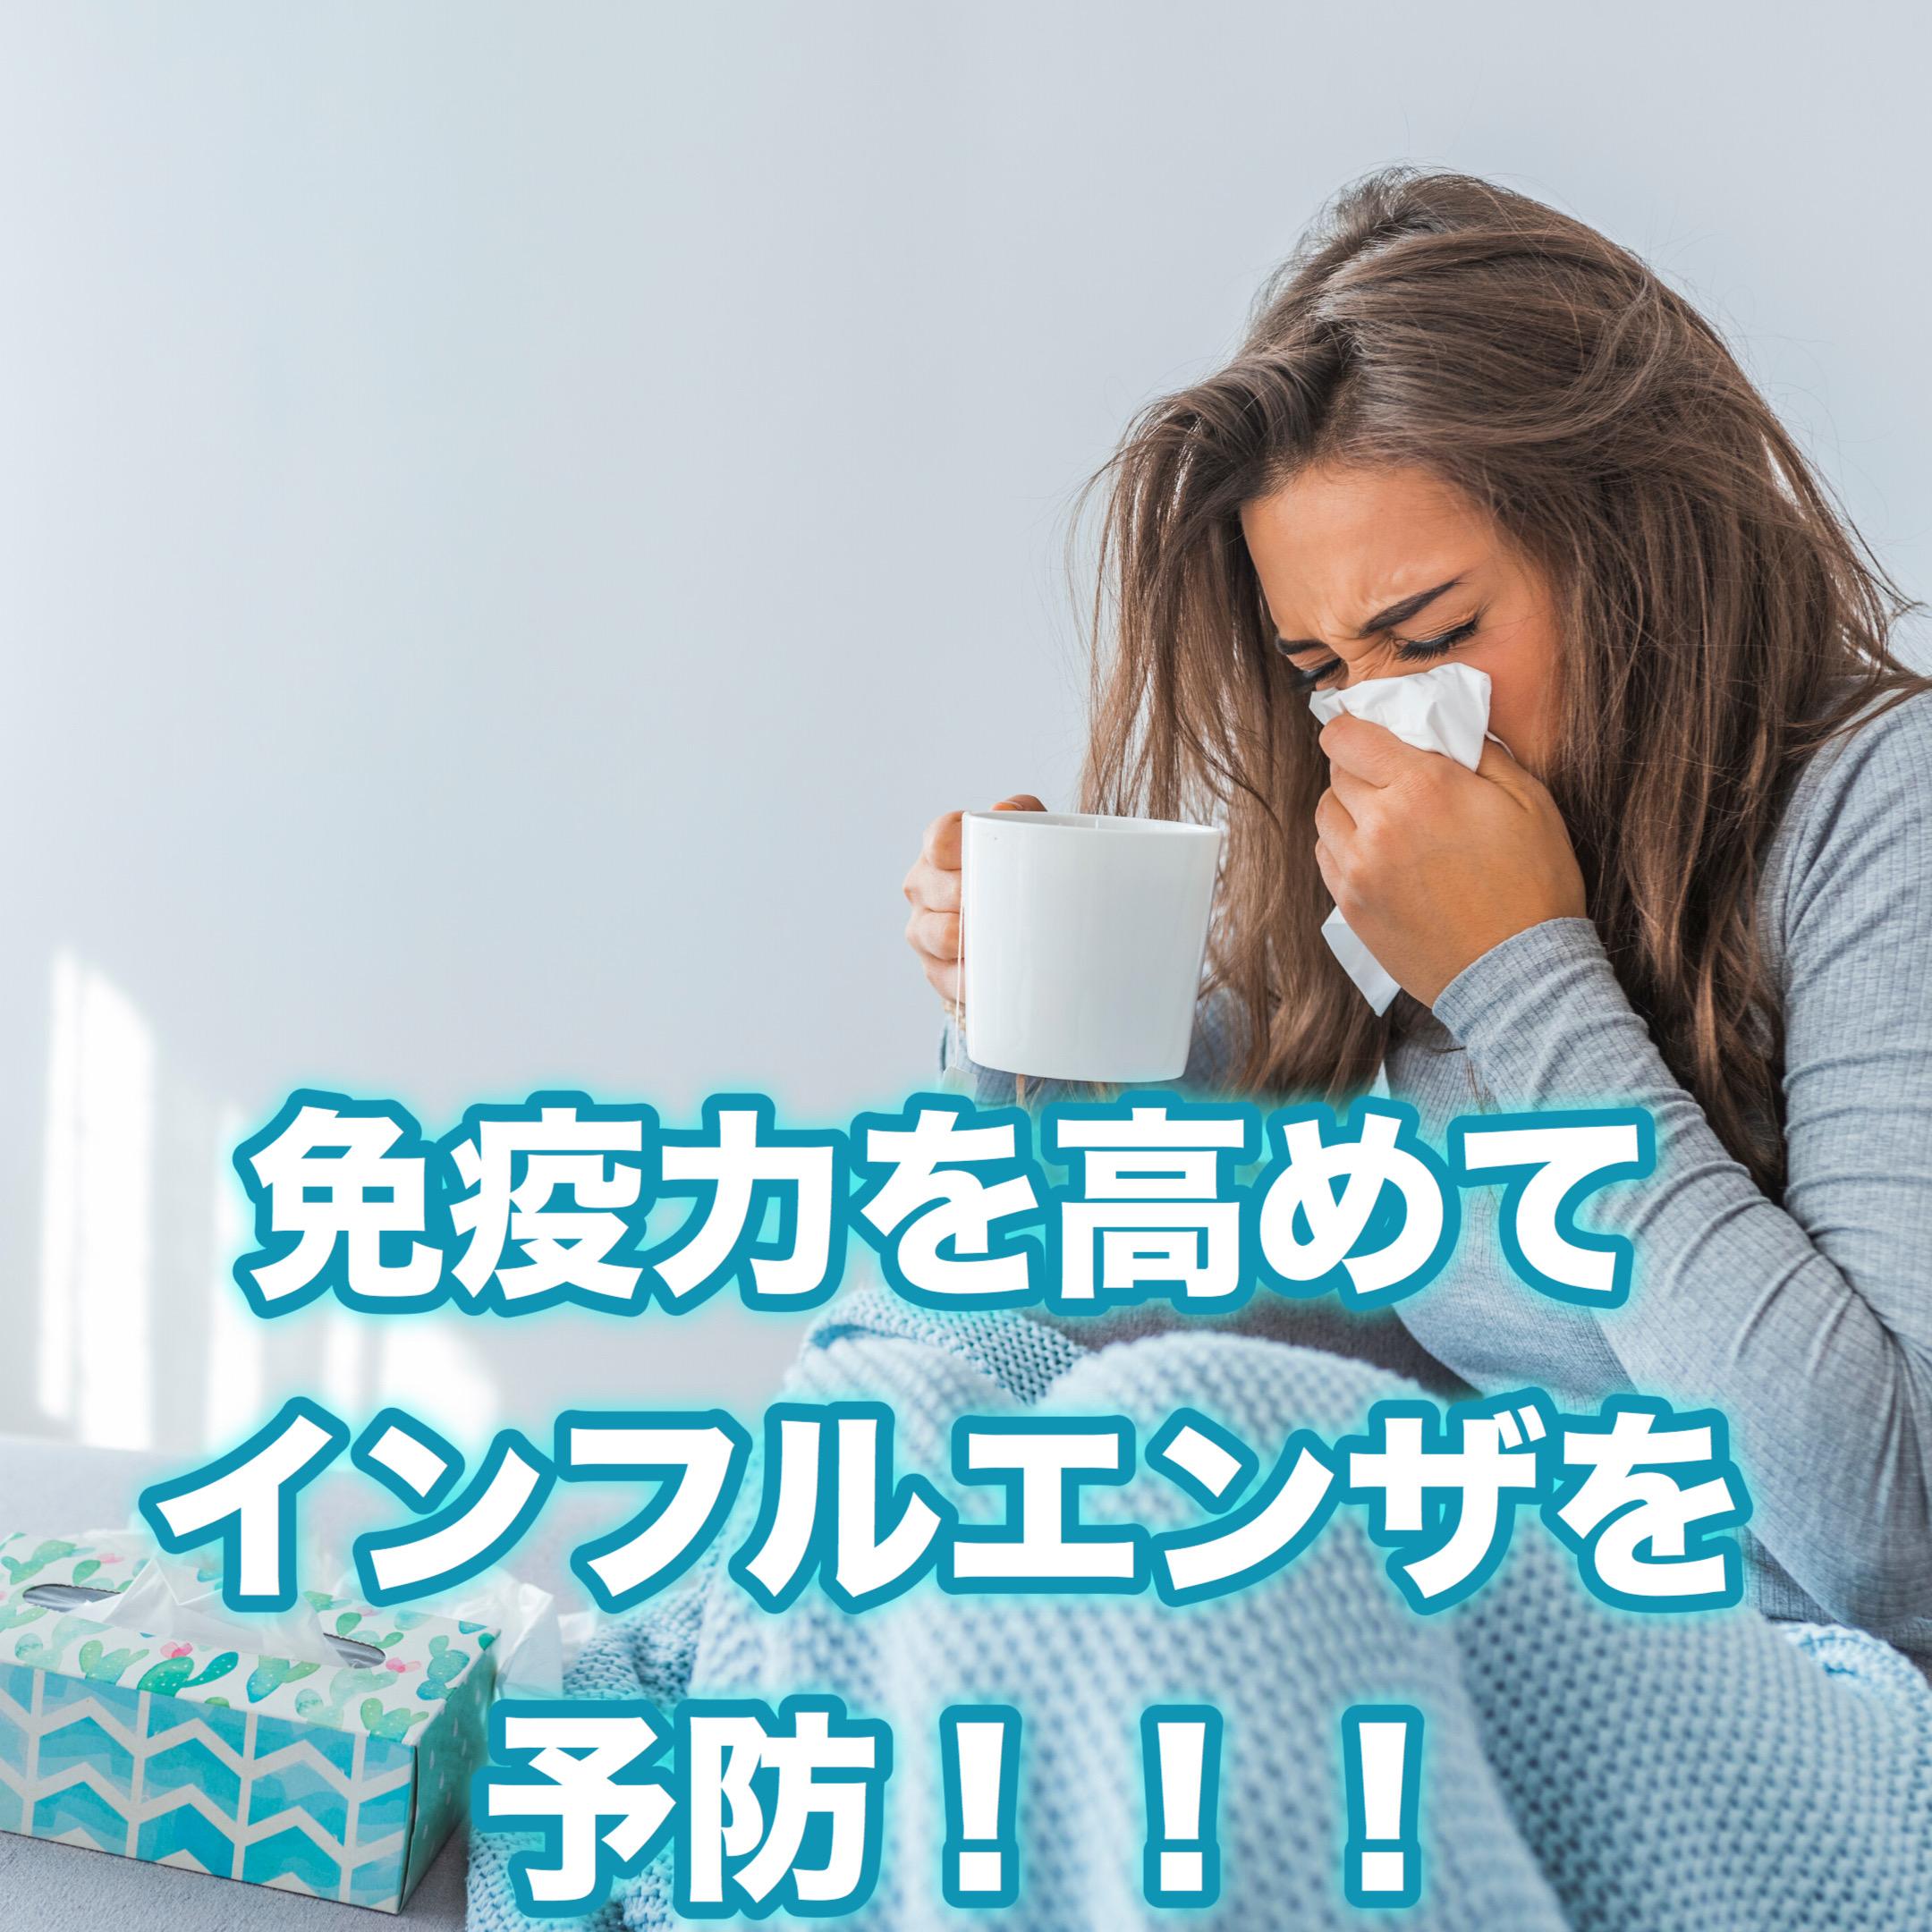 免疫力を高めてインフルエンザを予防!!!